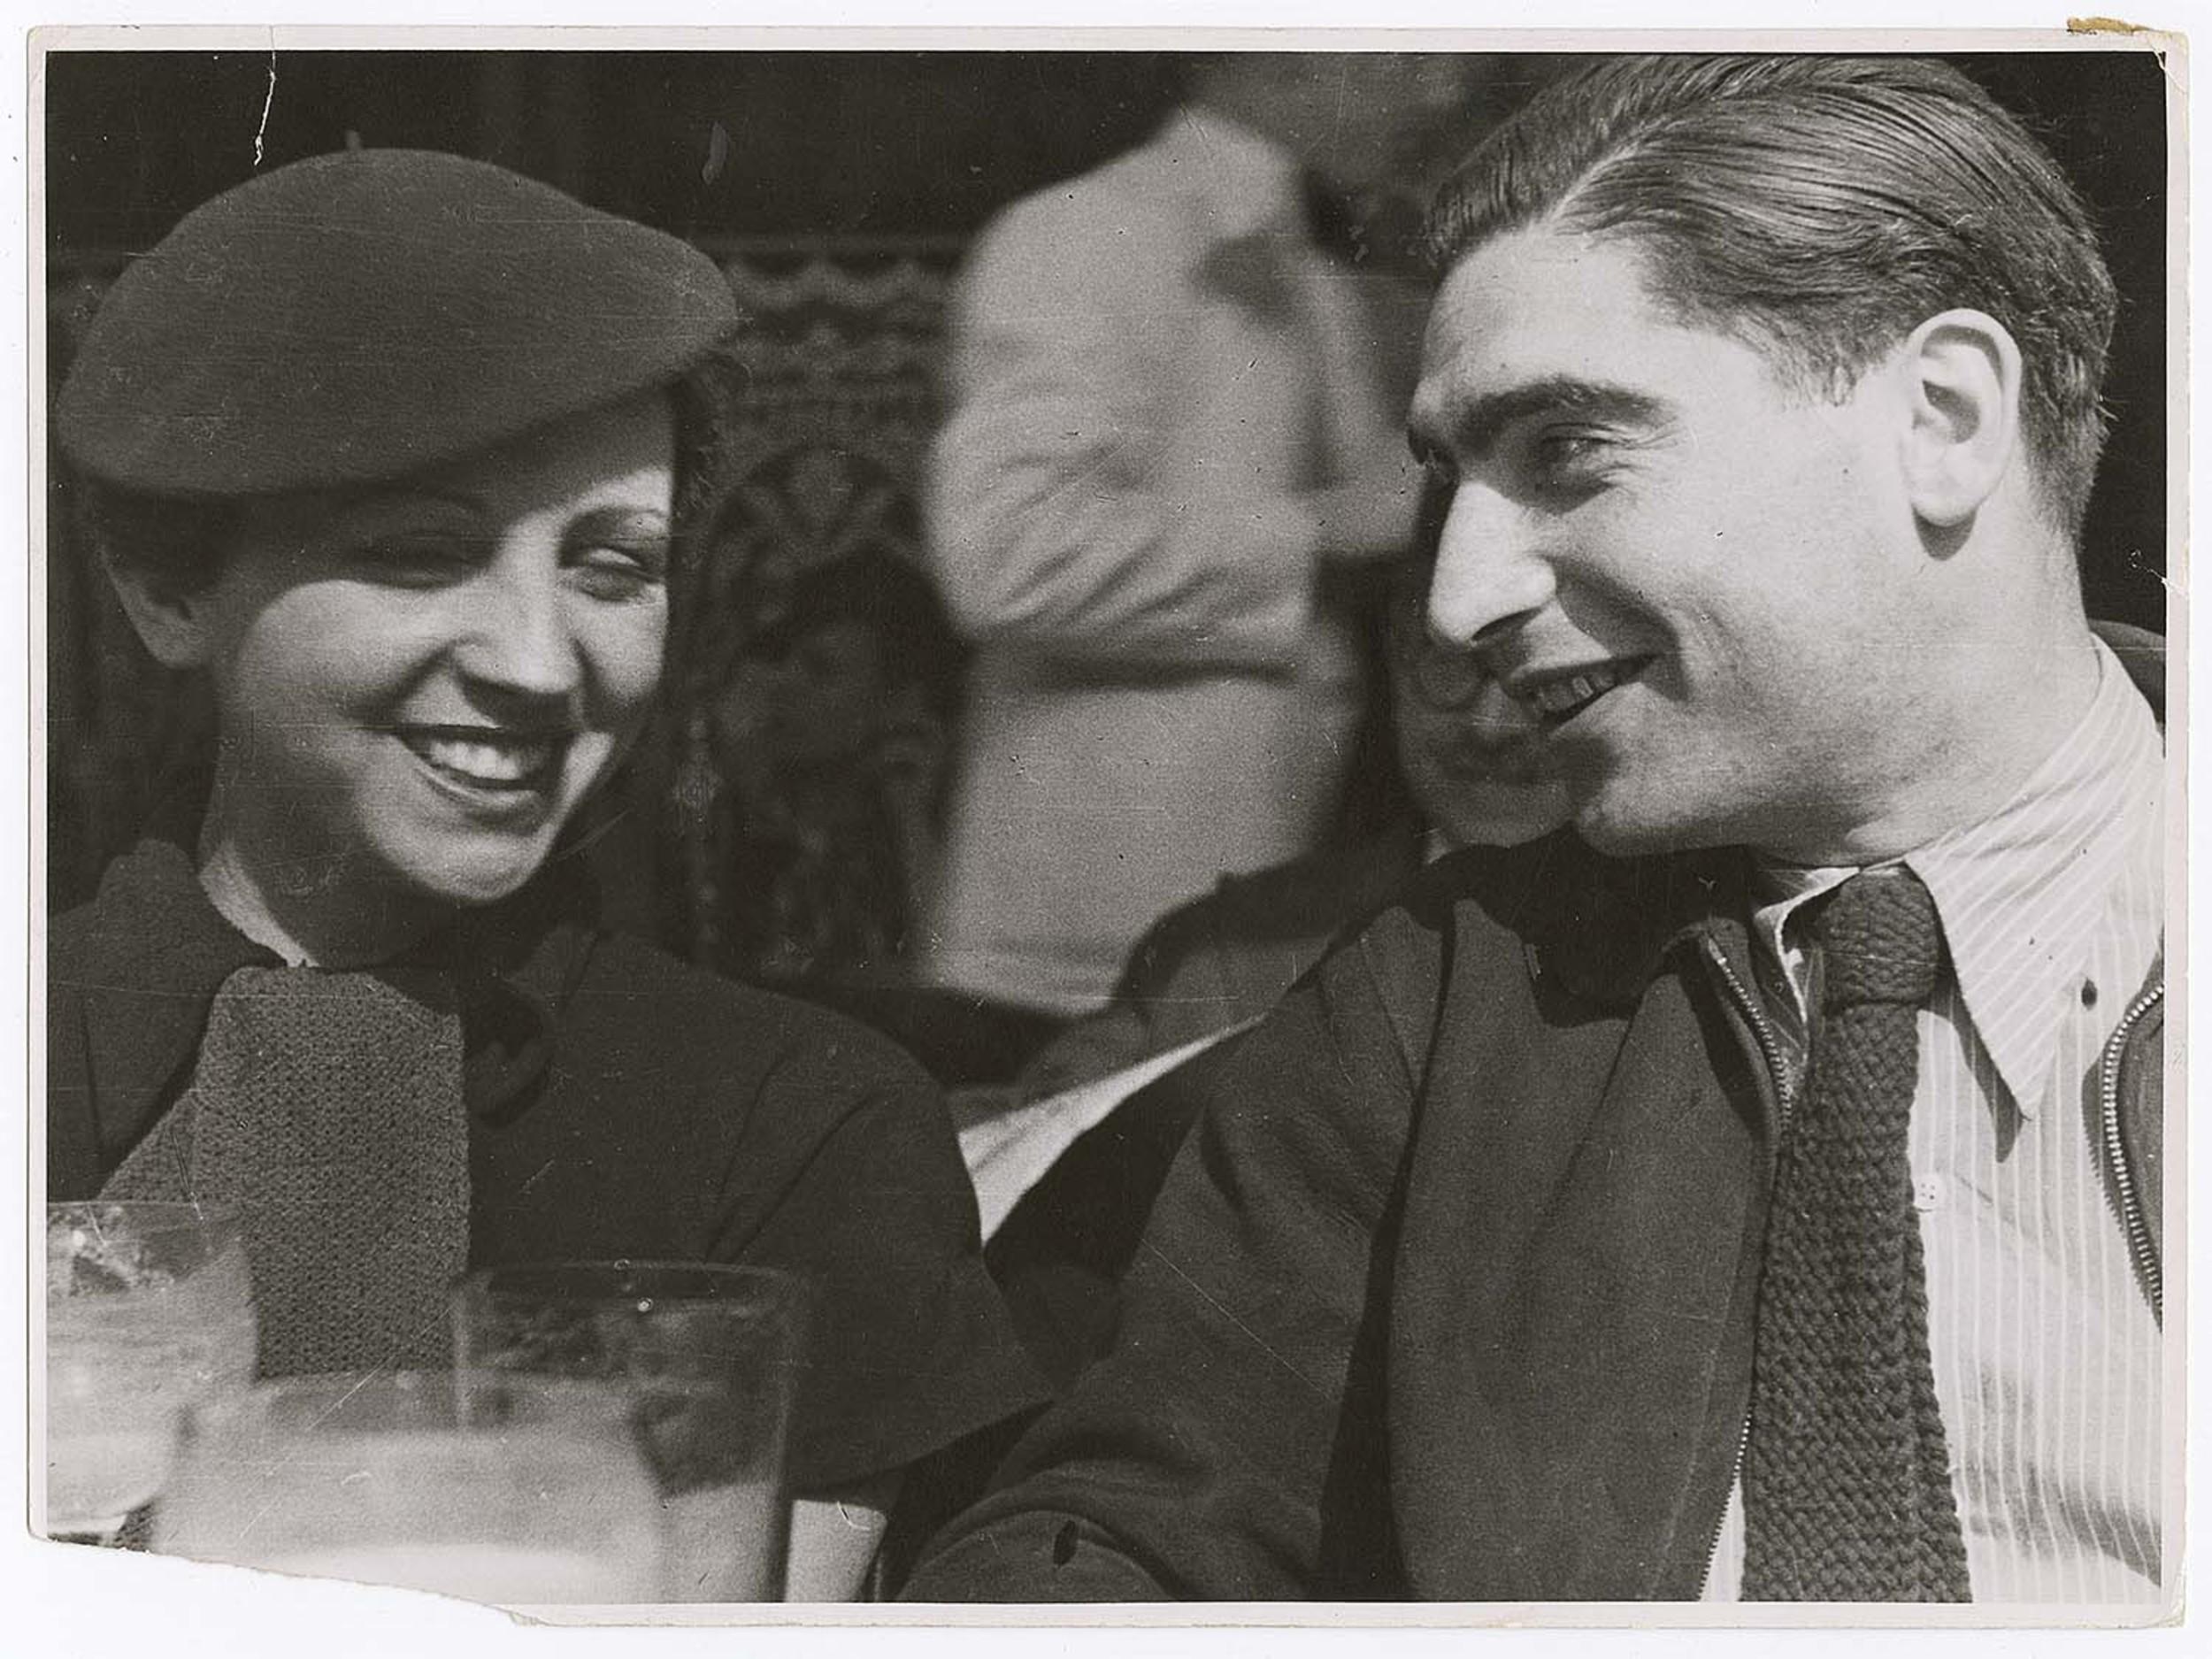 Capa y Gerda en París